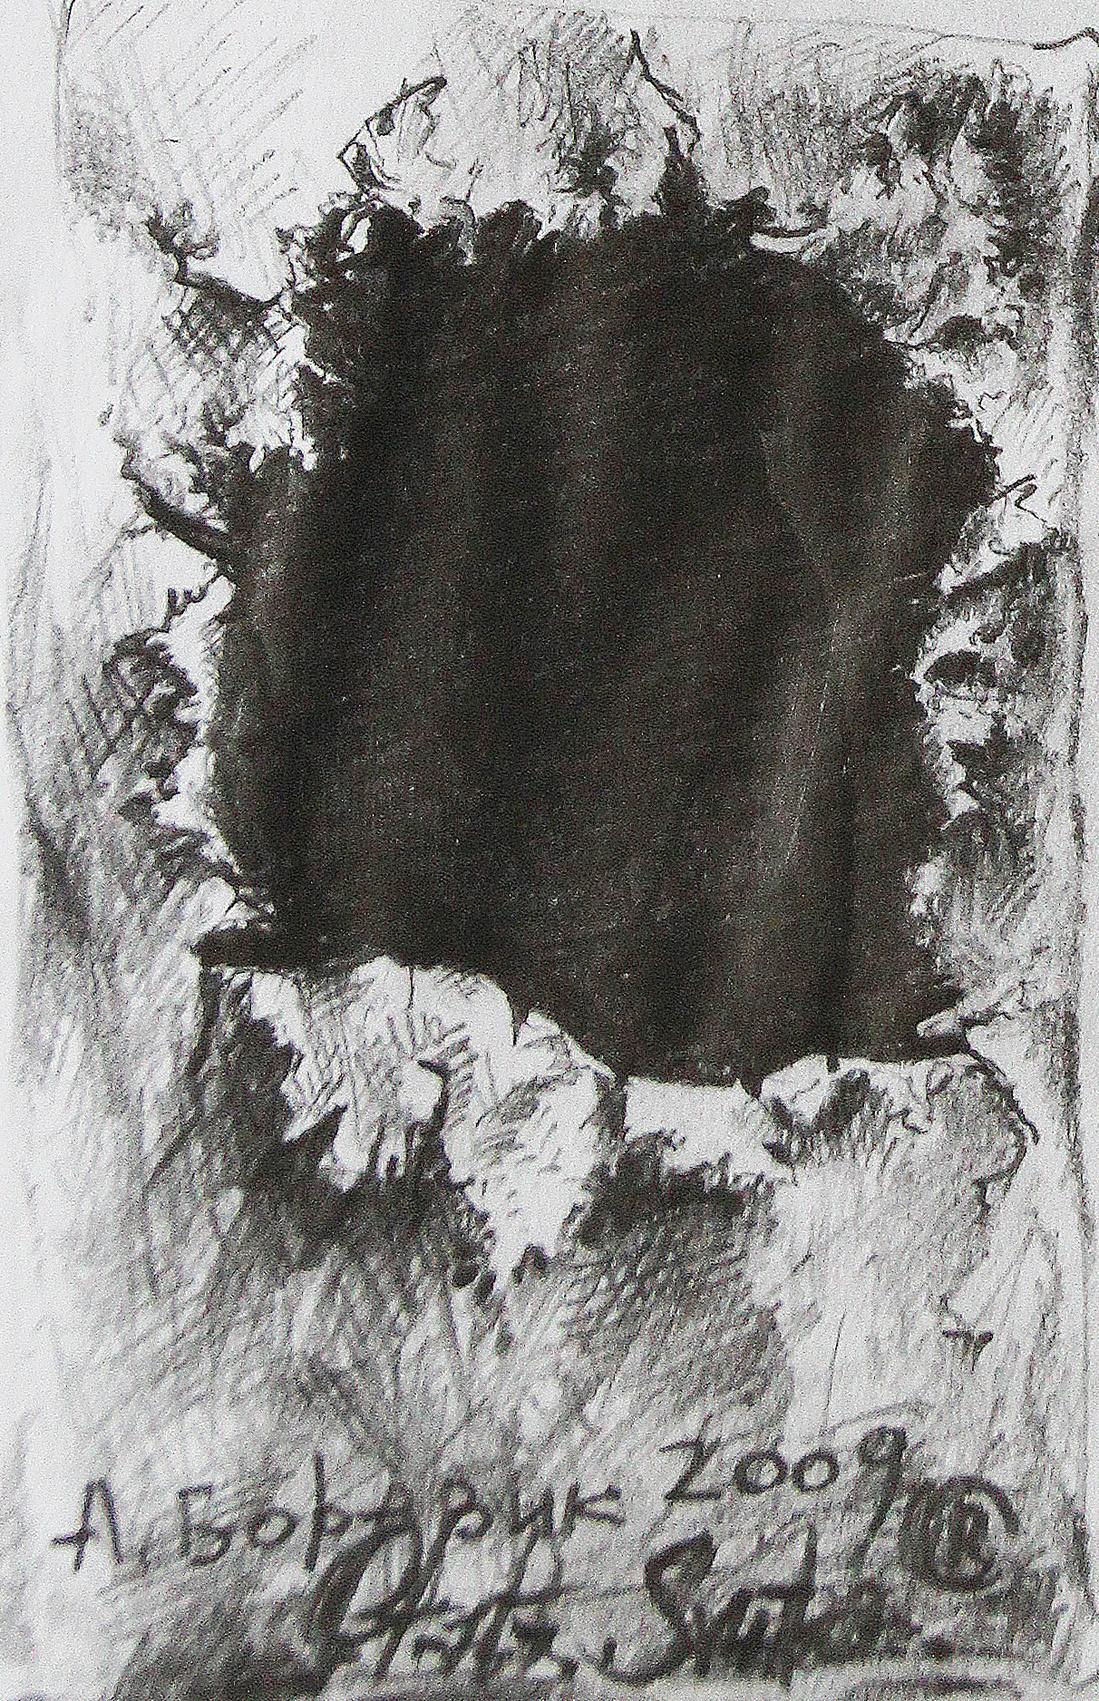 Andrei Ivanovich Boravik. Nothing lasts forever -3 (black hole)